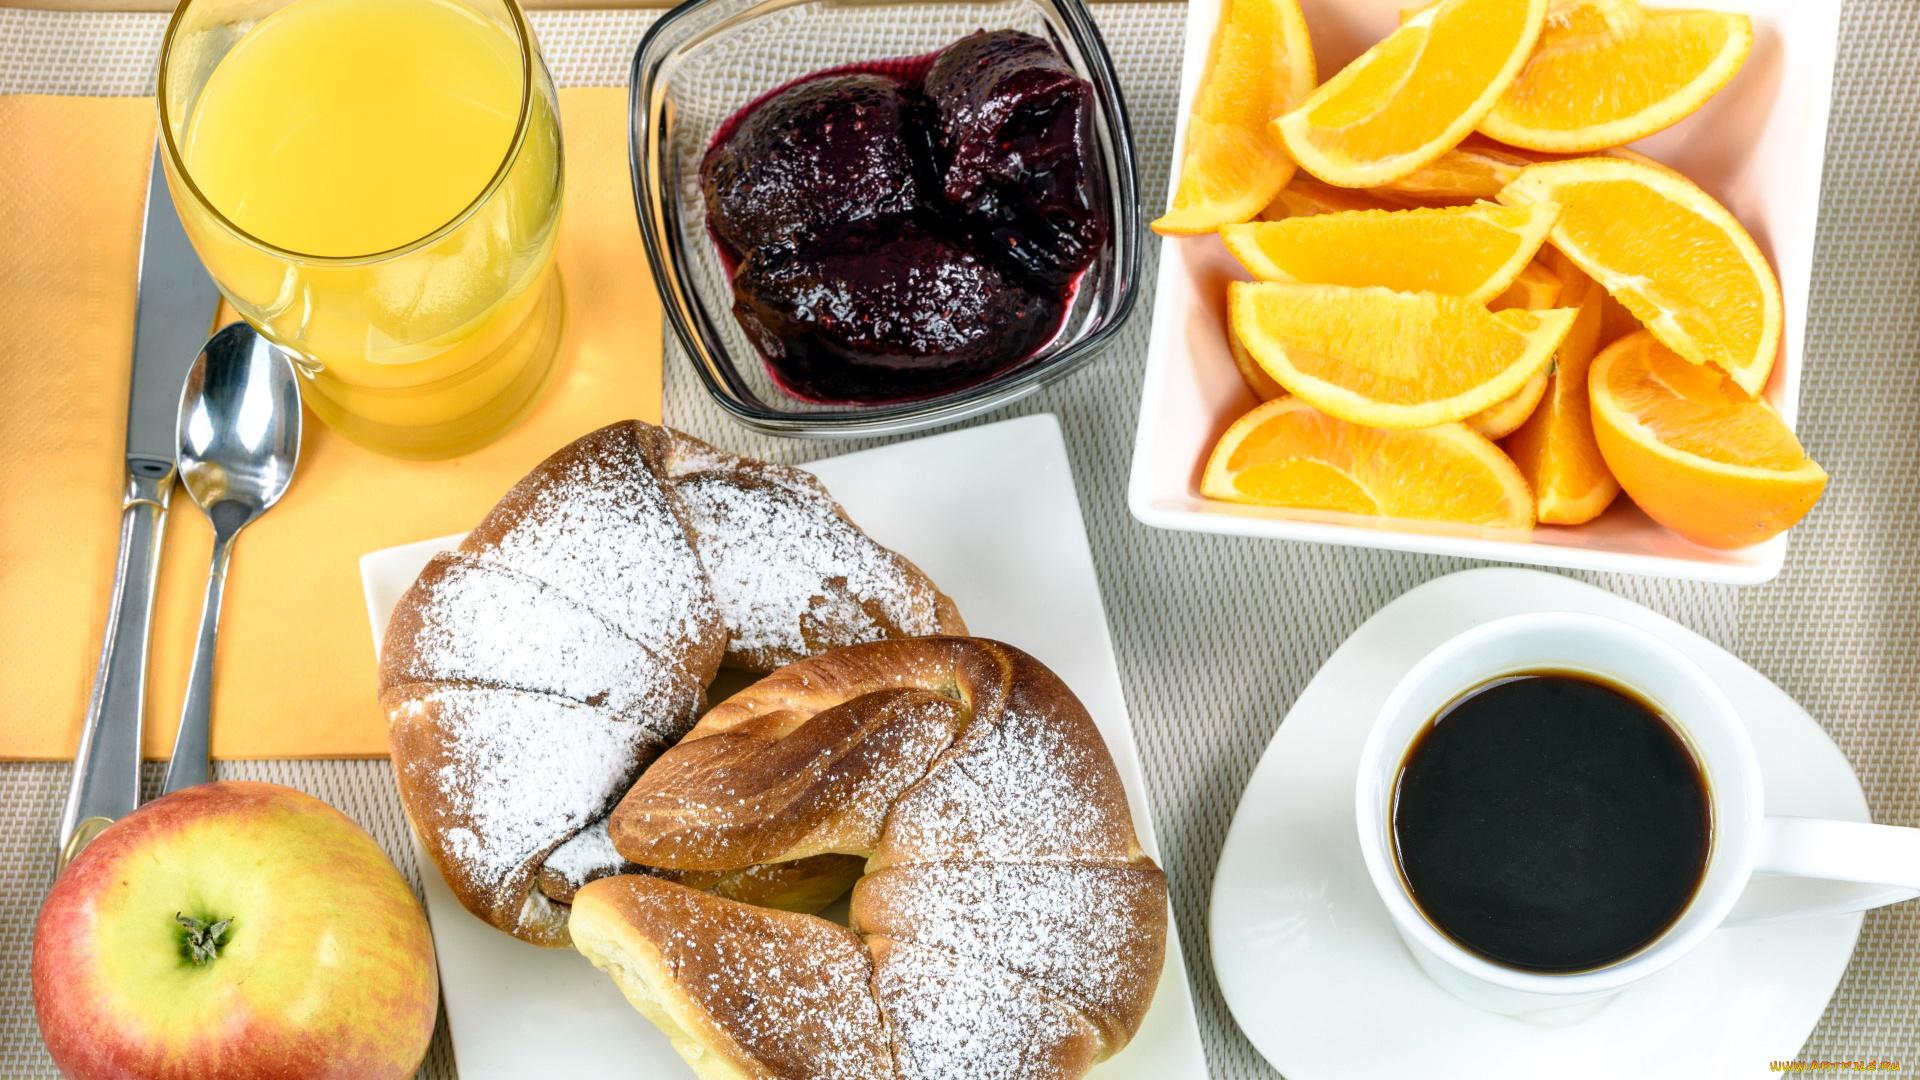 еда кофе апельсин сок круасаны загрузить